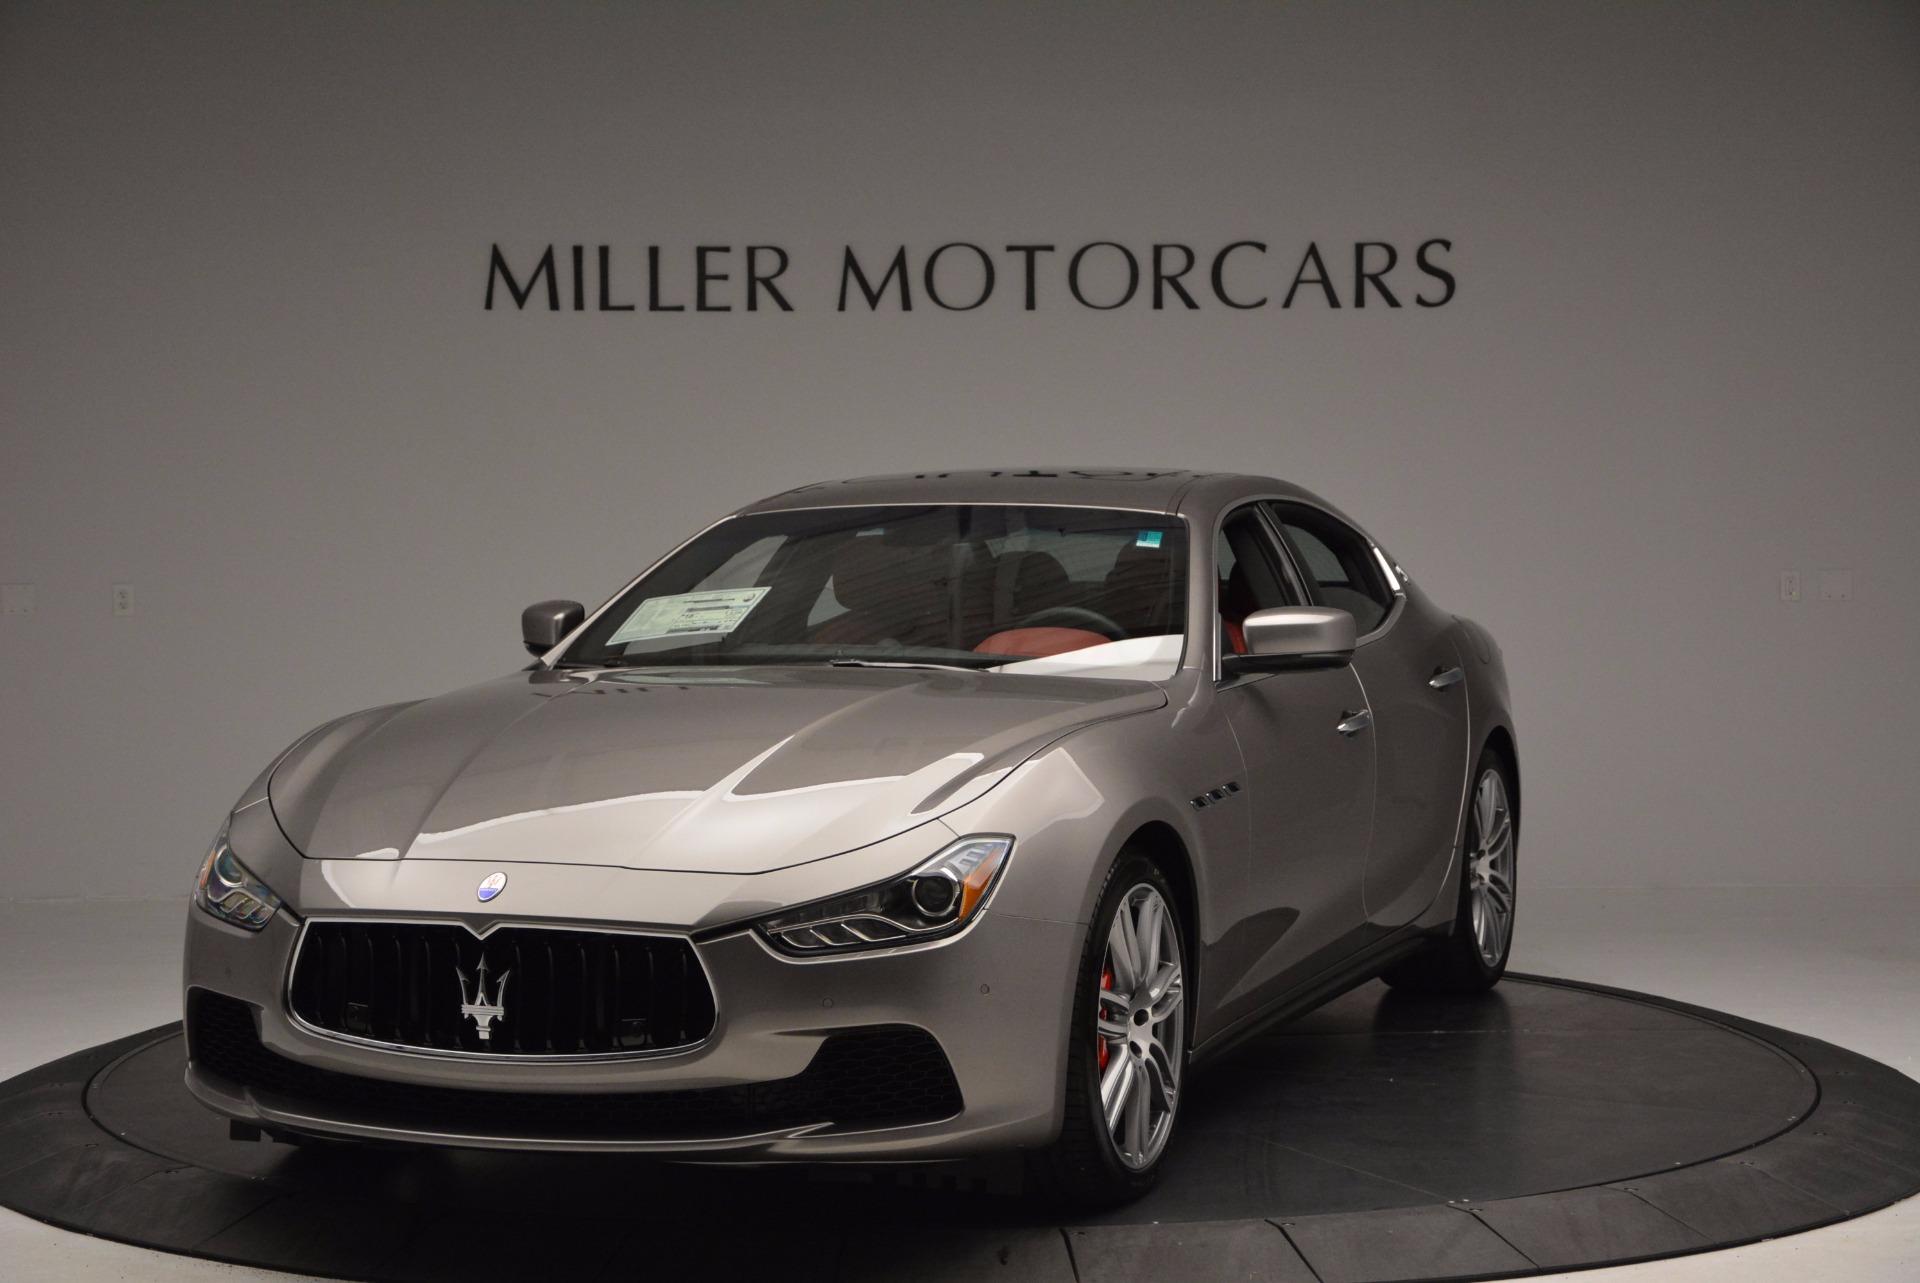 Used 2015 Maserati Ghibli S Q4 for sale Sold at Alfa Romeo of Westport in Westport CT 06880 1